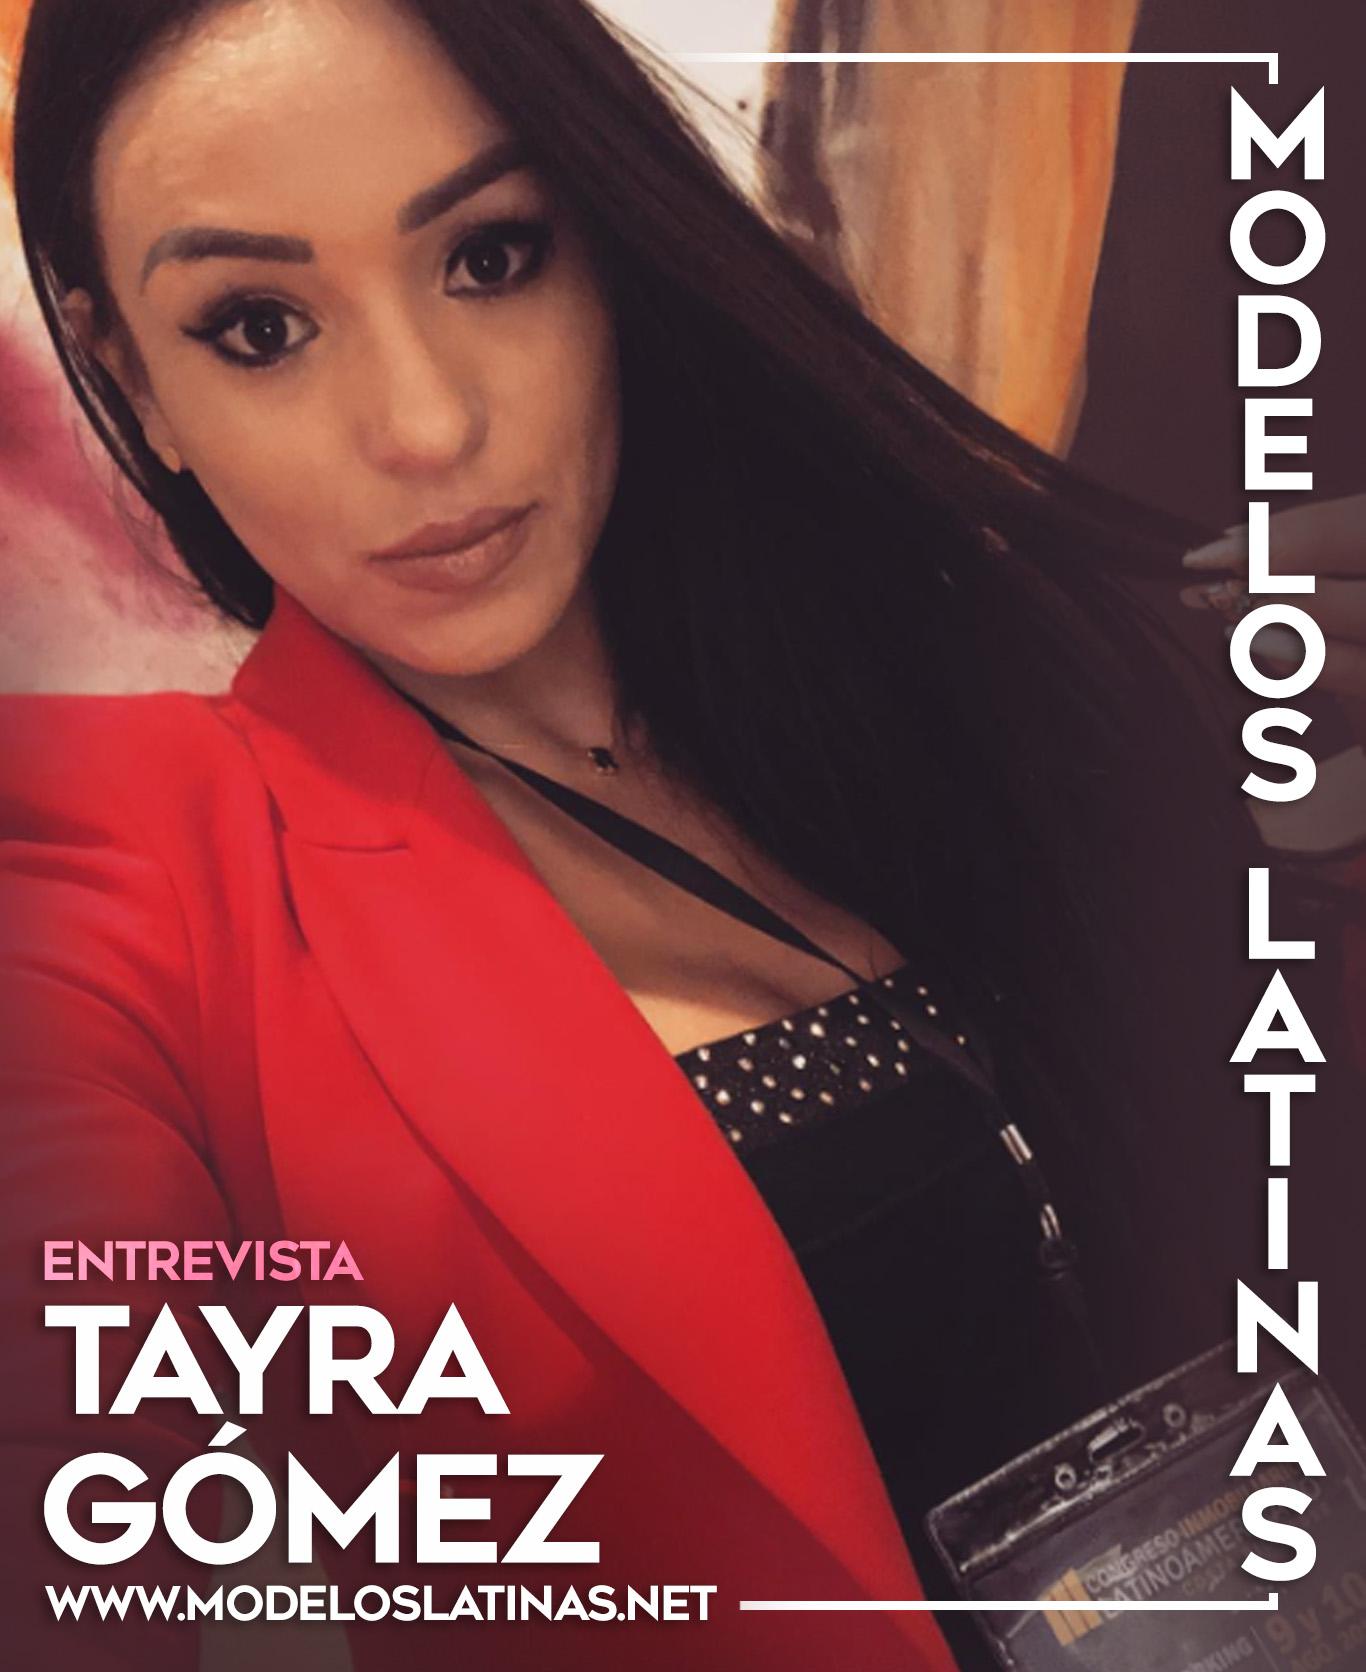 Tayra Gómez